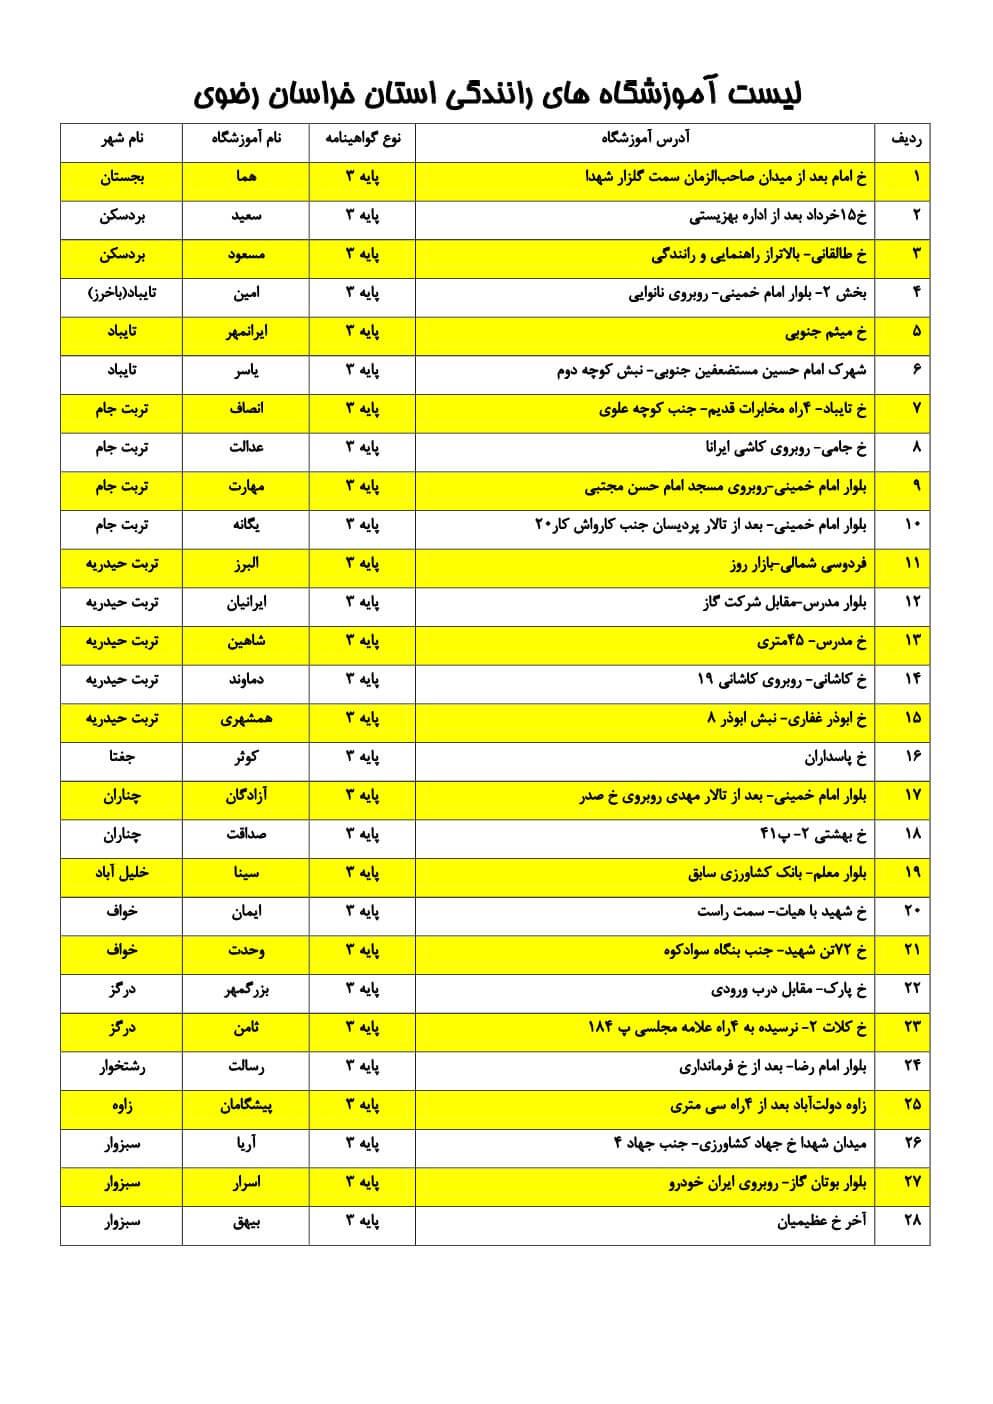 آموزشگاه های رانندگی مشهد